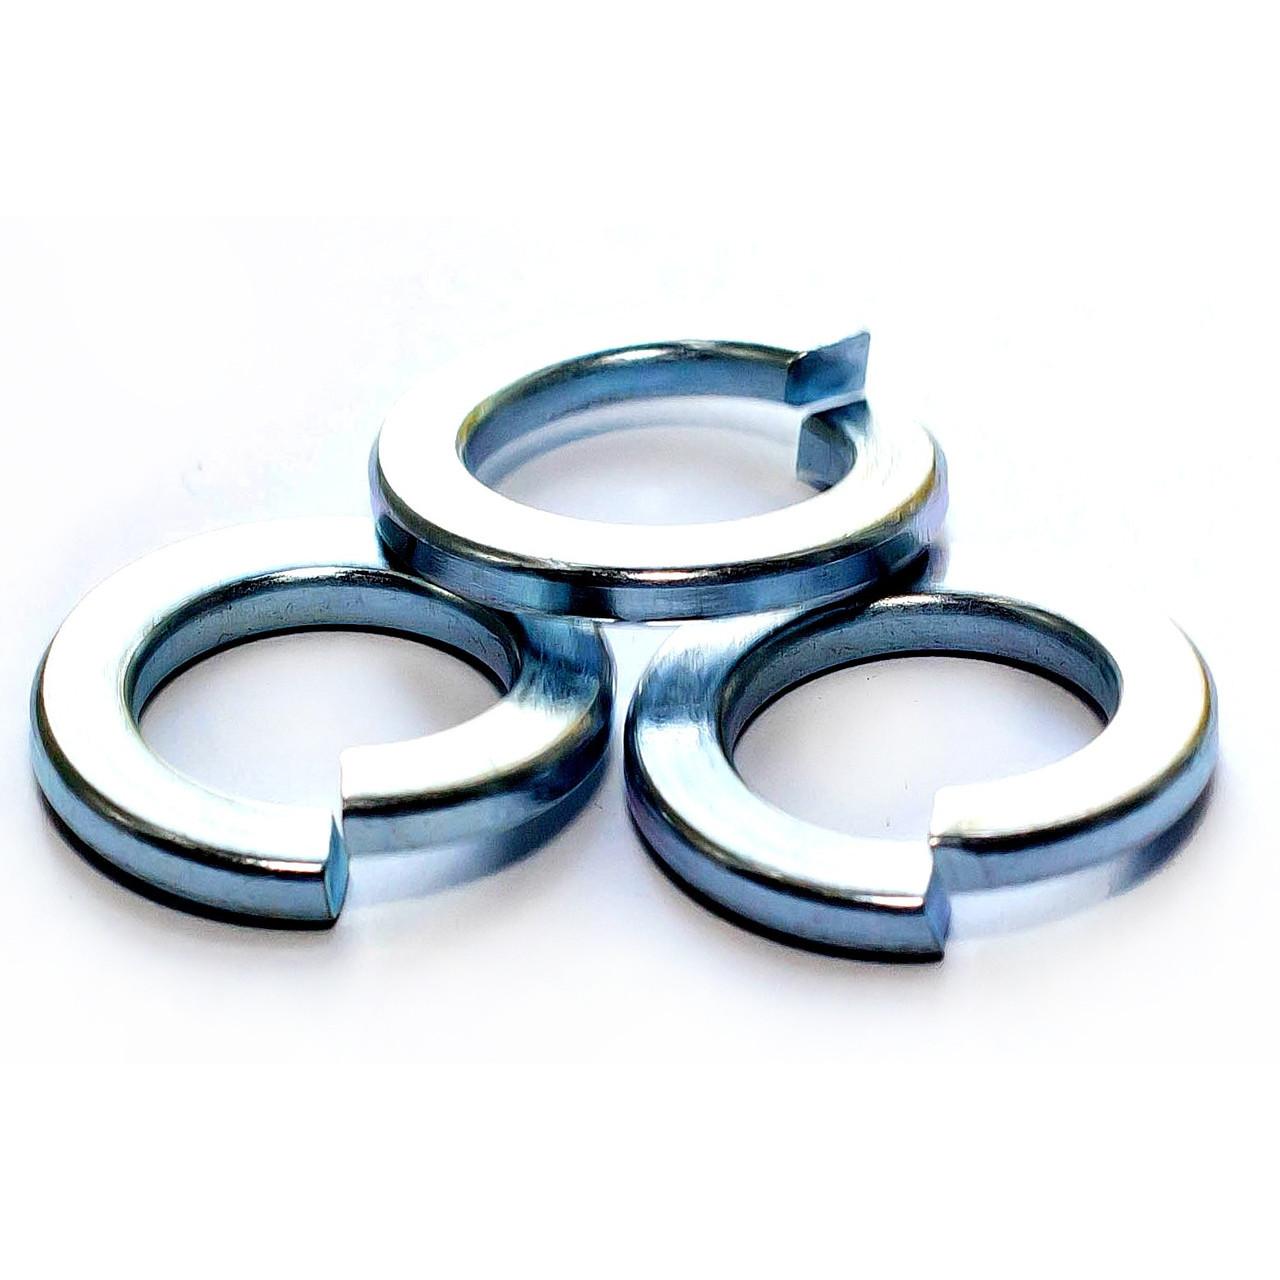 Шайба пружинная М2.5 ➜ 1000 шт/упак ➜ Гровер стальной оцинкованный ➜ Пружинні шайби